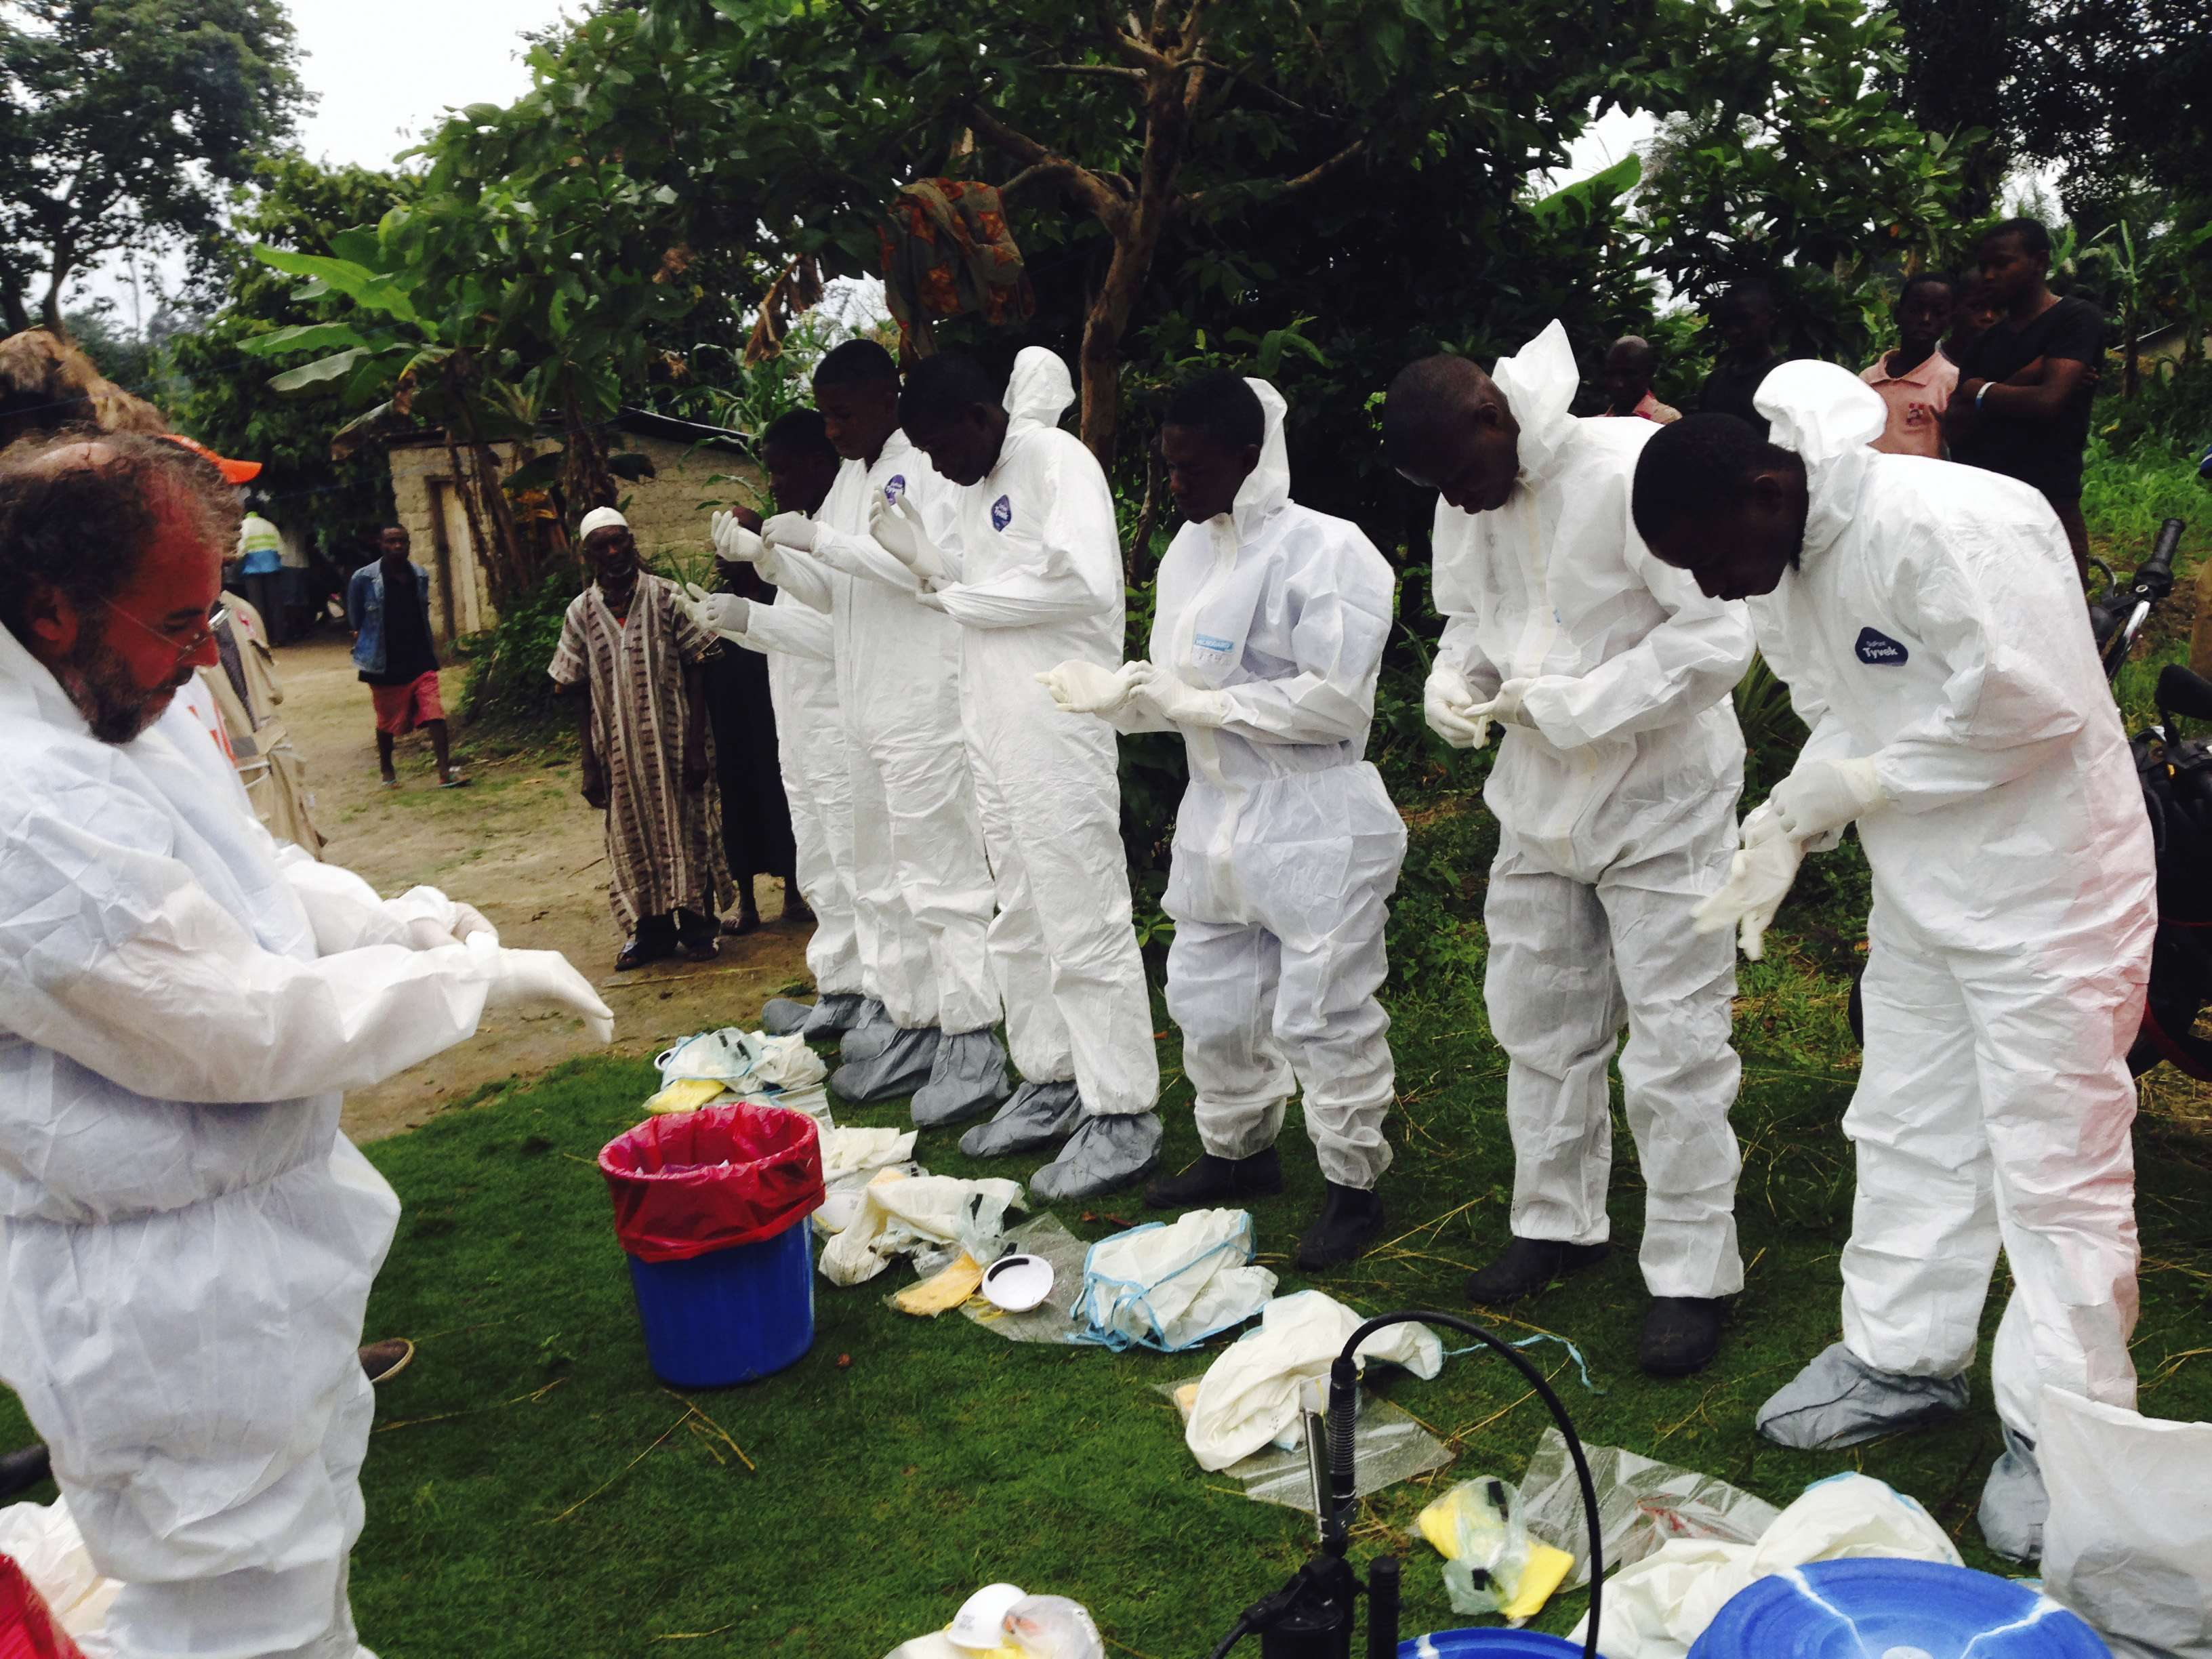 Voluntarios se preparan para levantar los cadáveres de personas que, se cree, murieron de ébola en el pueblo de Pendebu, en Kenema, Sierra Leona, el 2 de agosto de 2014. Foto: OMS/Reuters en español